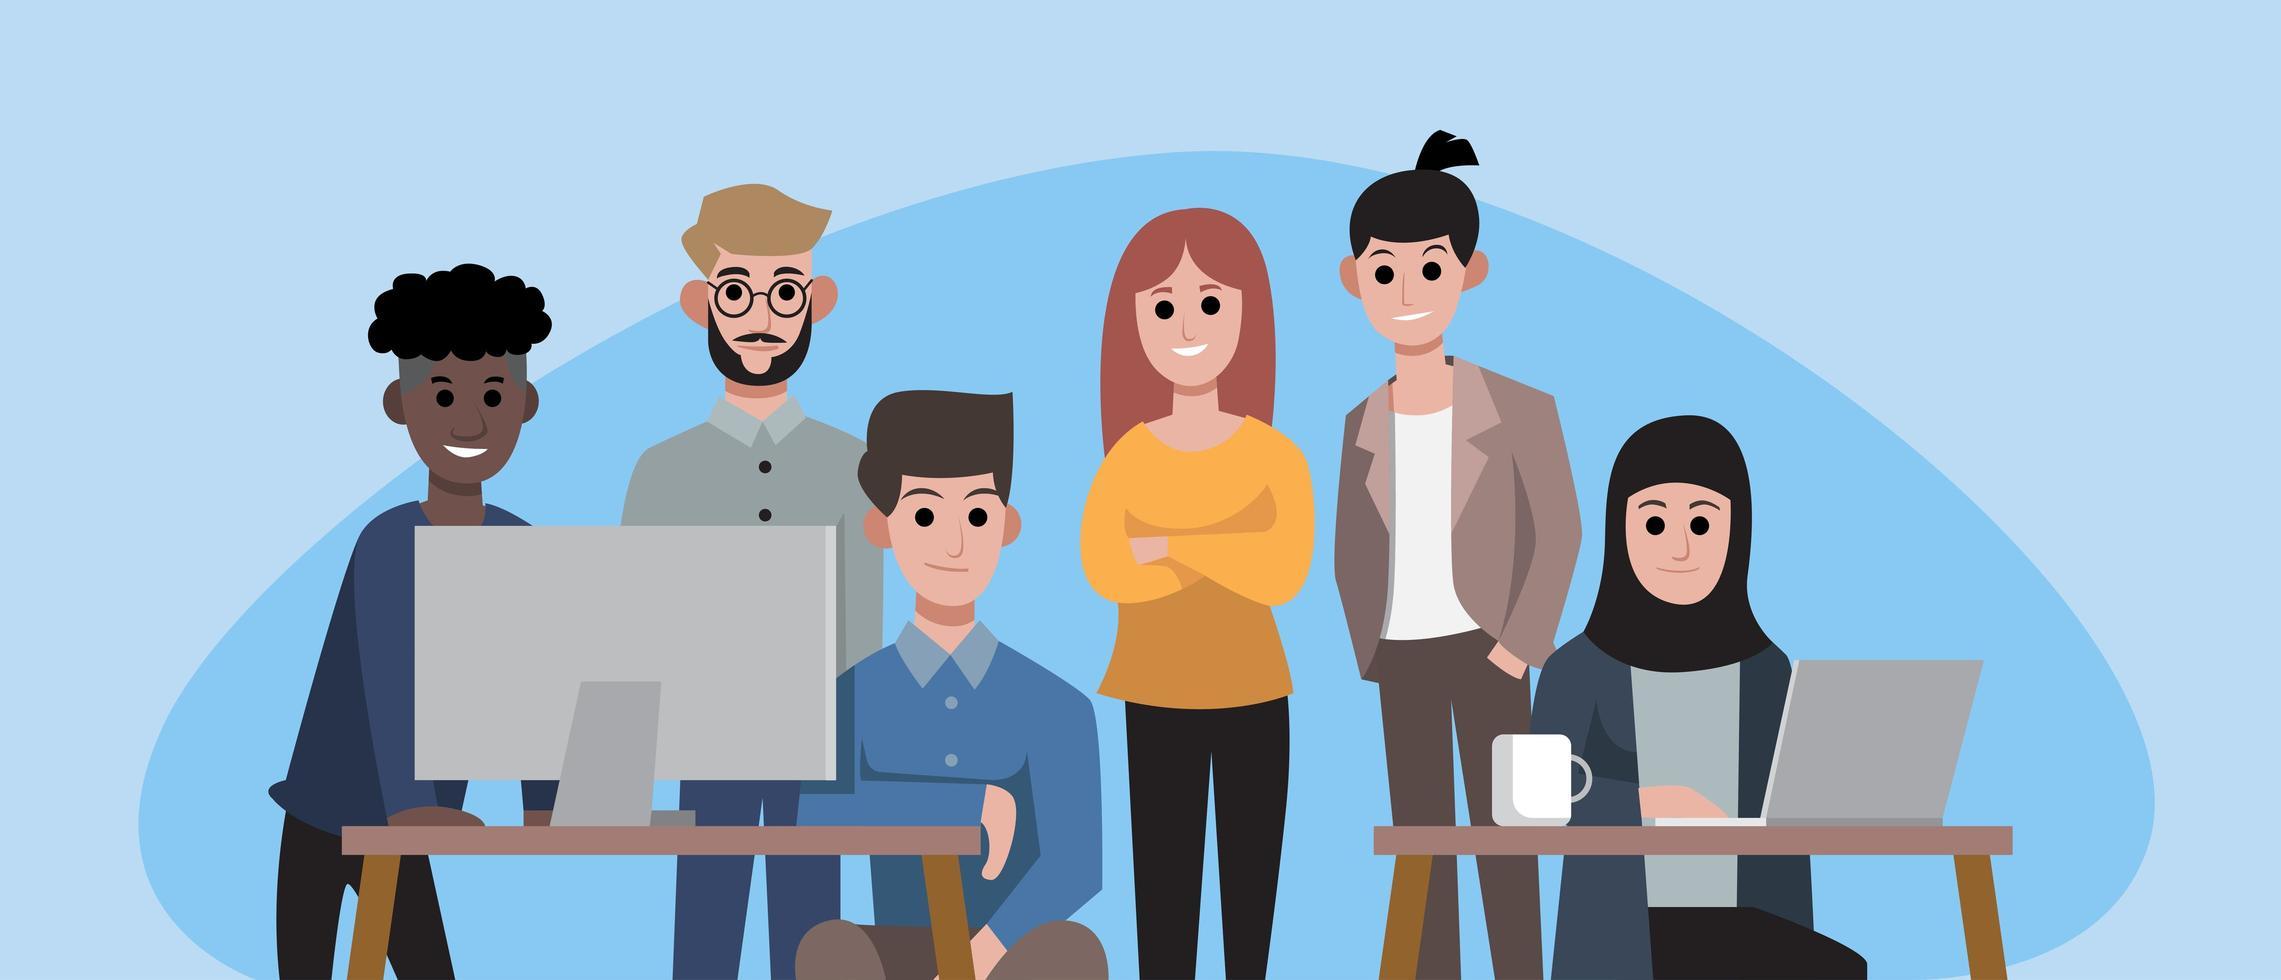 grupp leende kontorsarbetare eller affärsmän vektor